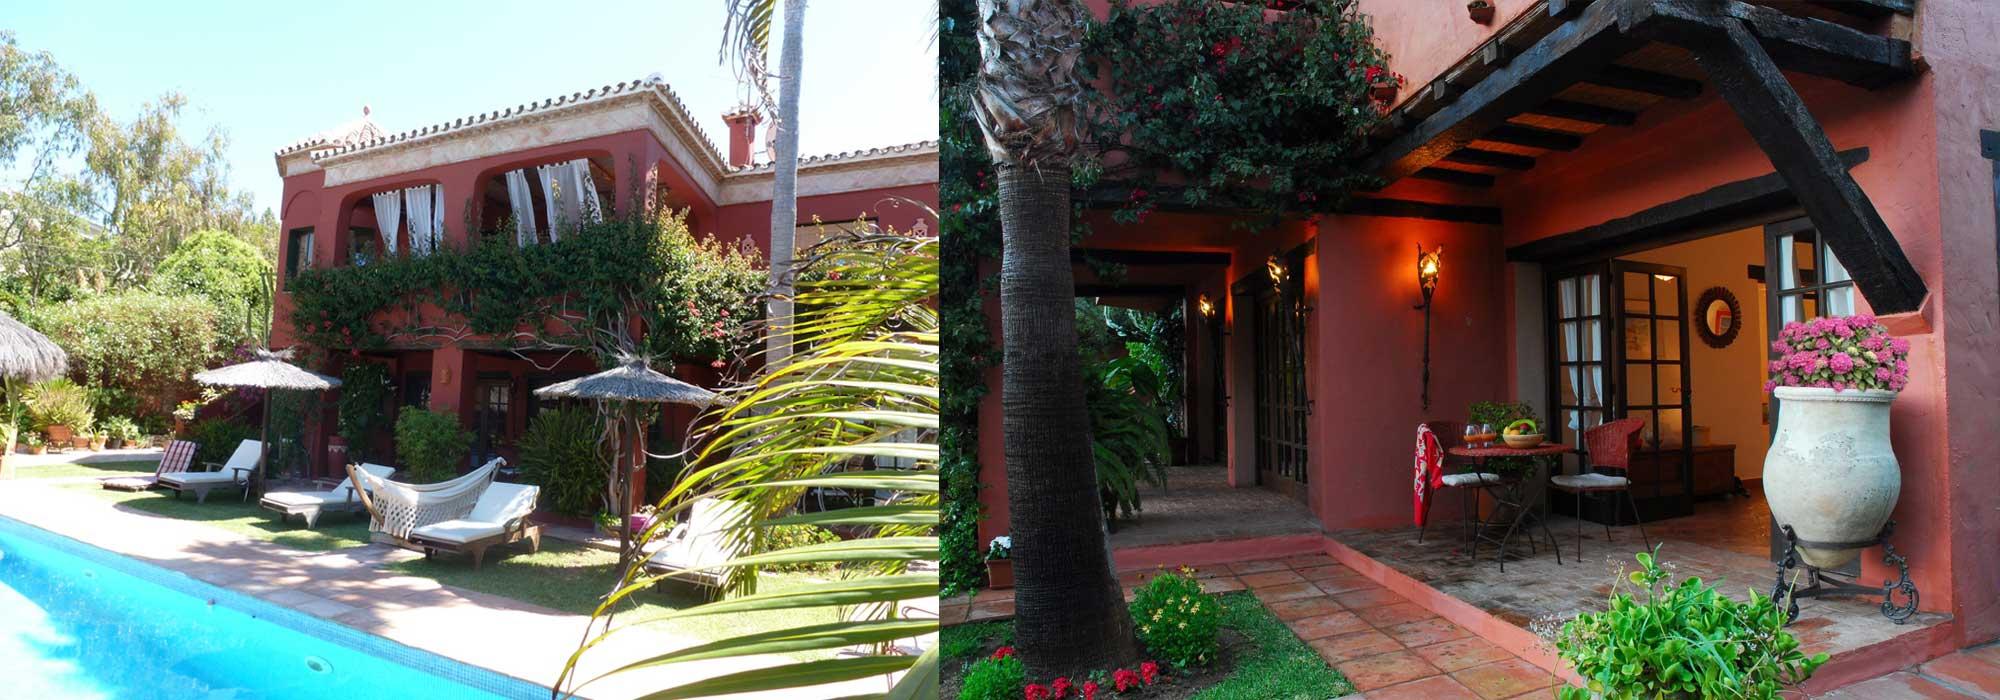 Marbella hotel for sale boutique hotel sale blue chili homes for Boutique hotel for sale